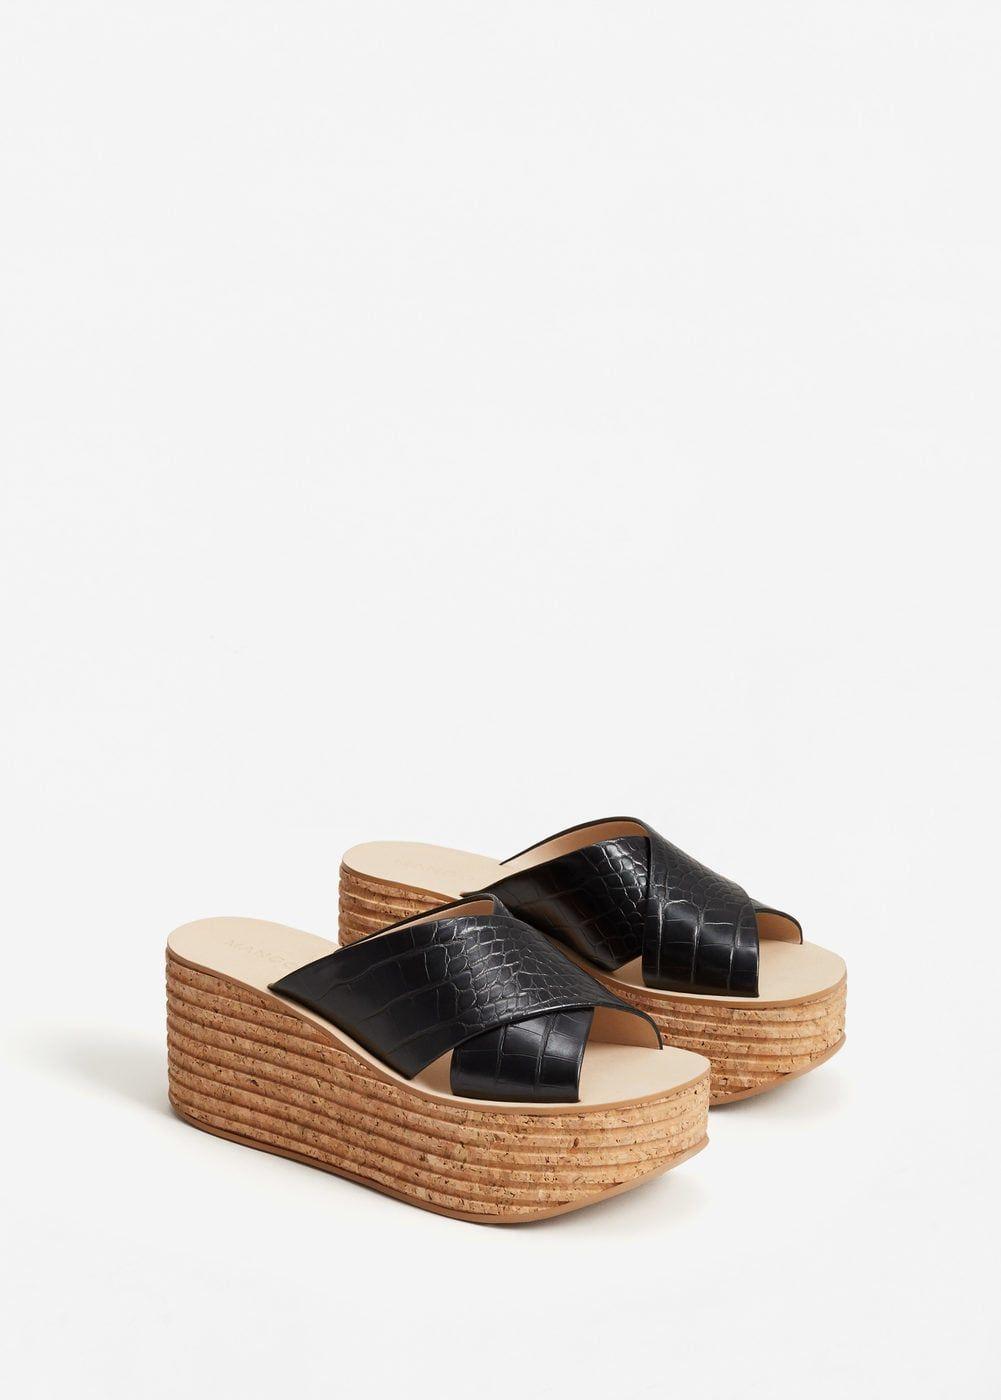 Sandales lanières croisées - Femme